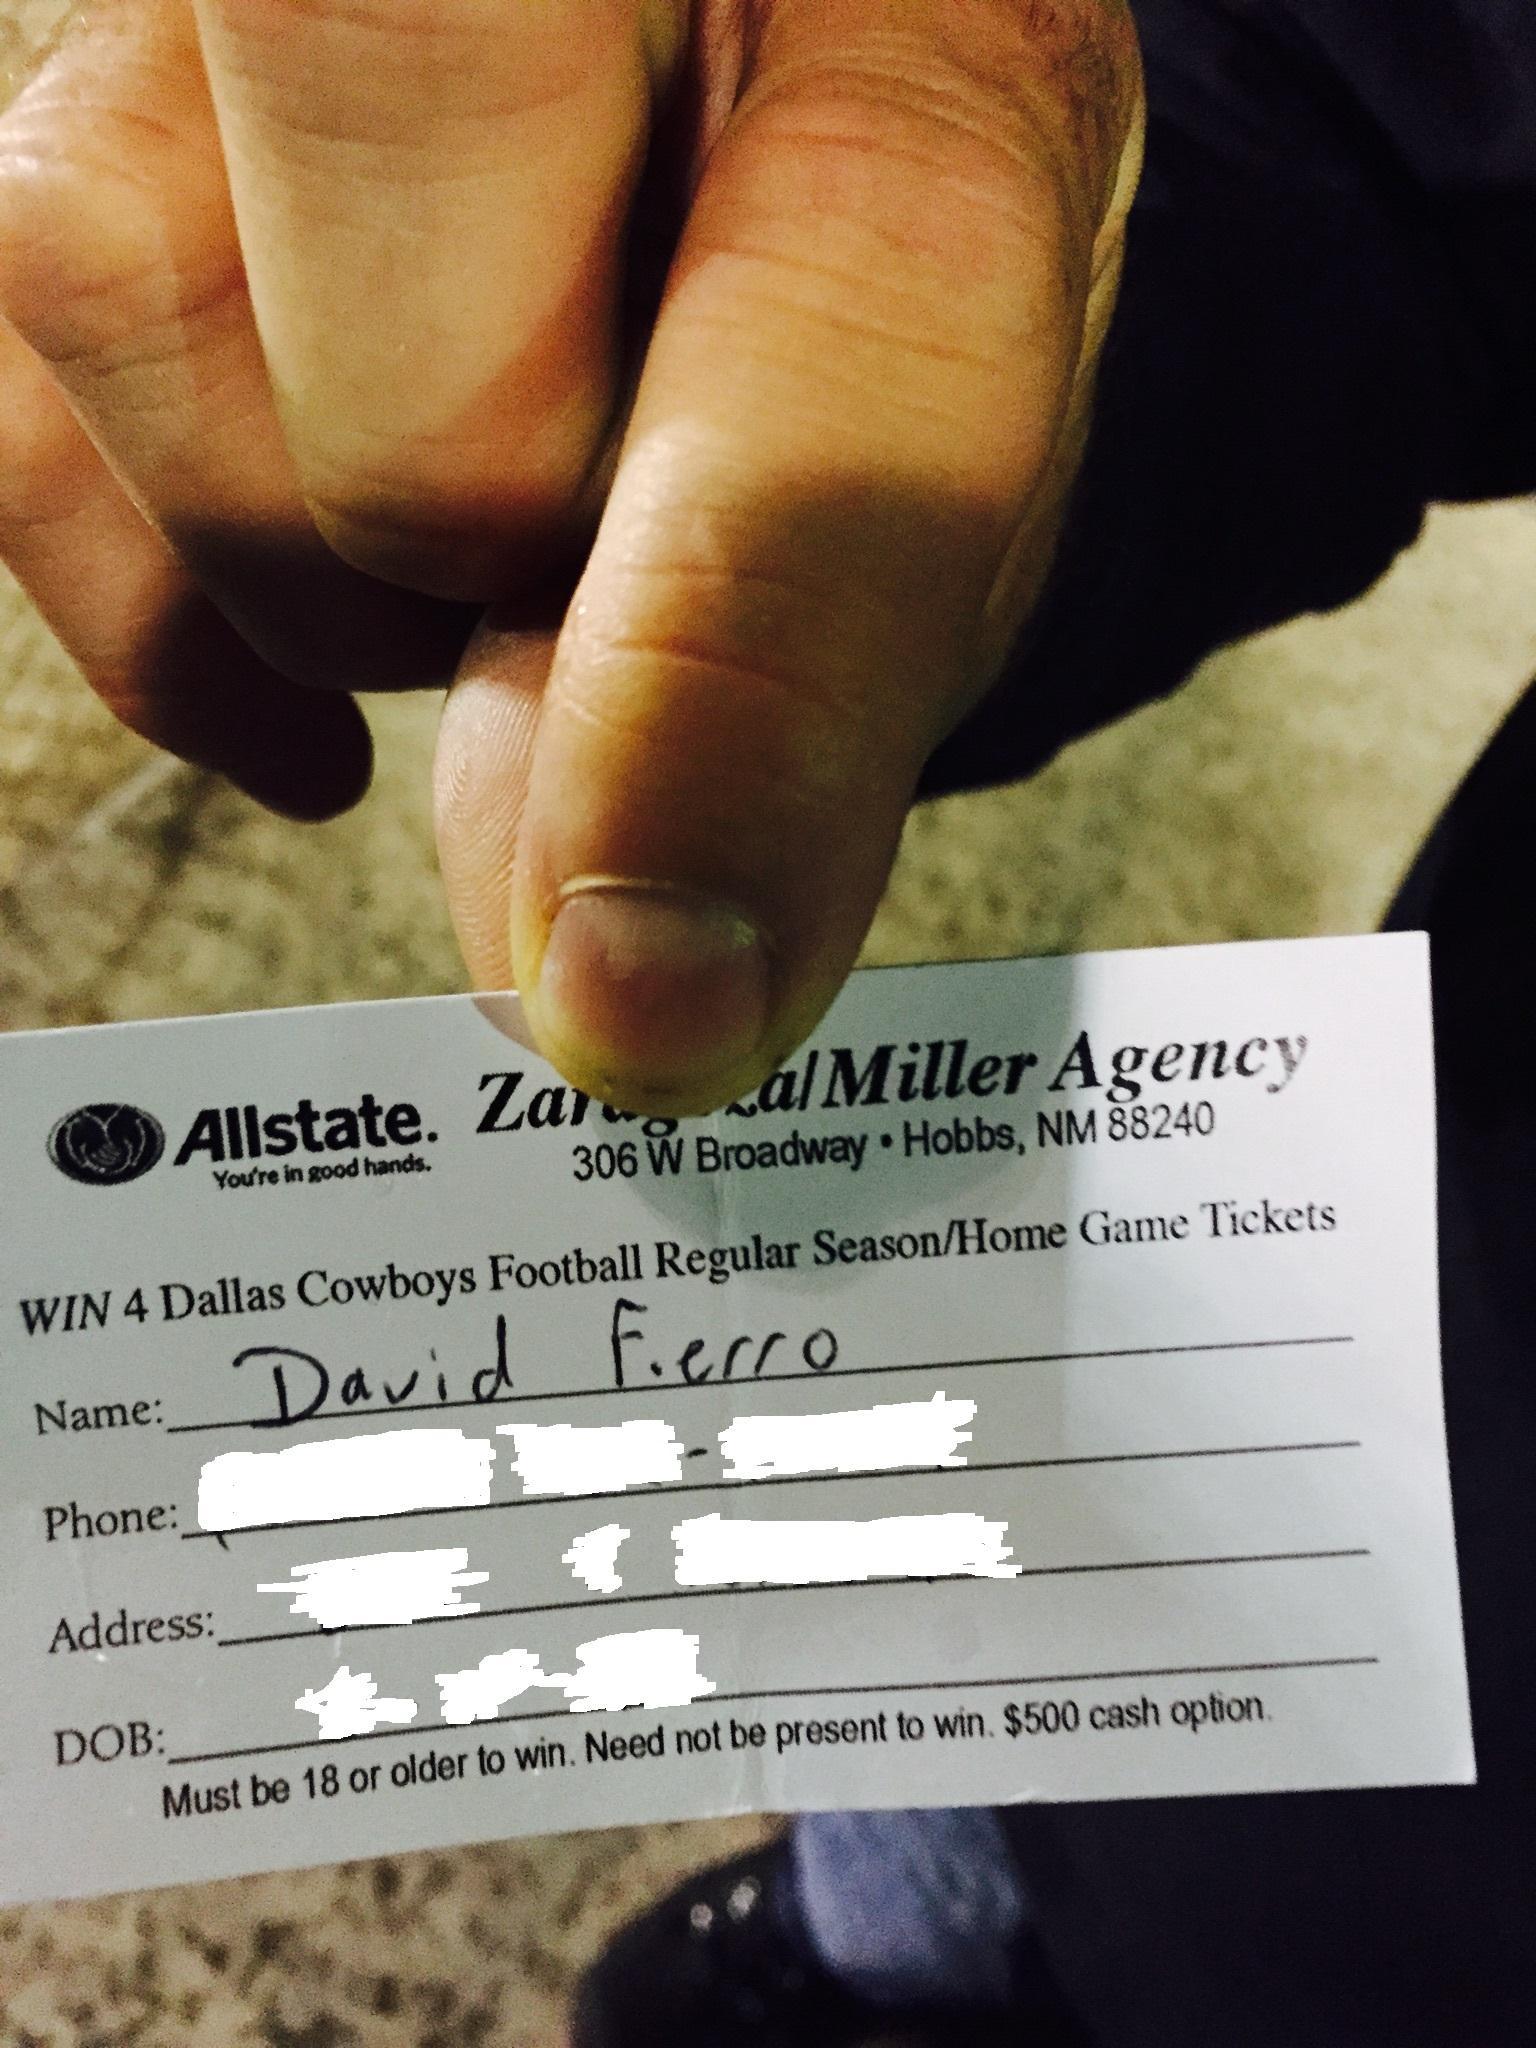 JoAnn Zaragoza Miller: Allstate Insurance image 8